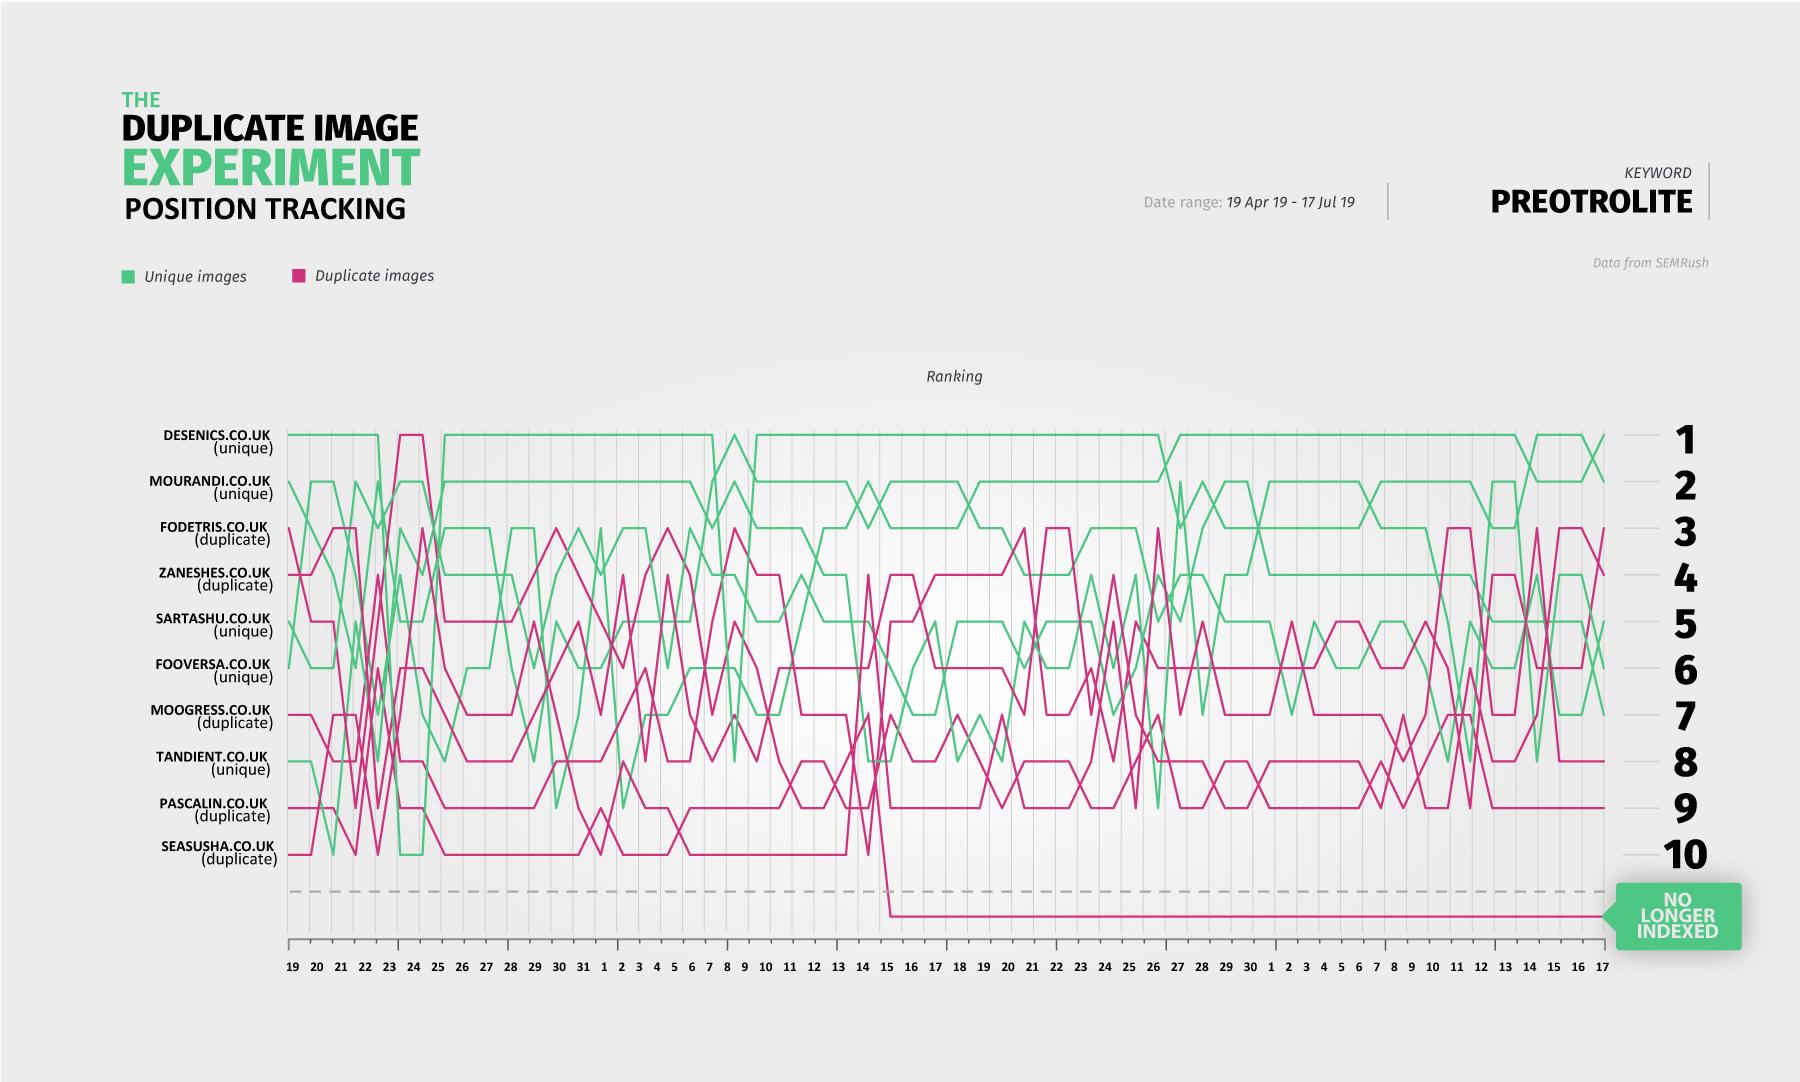 график результатов seo эксперимента